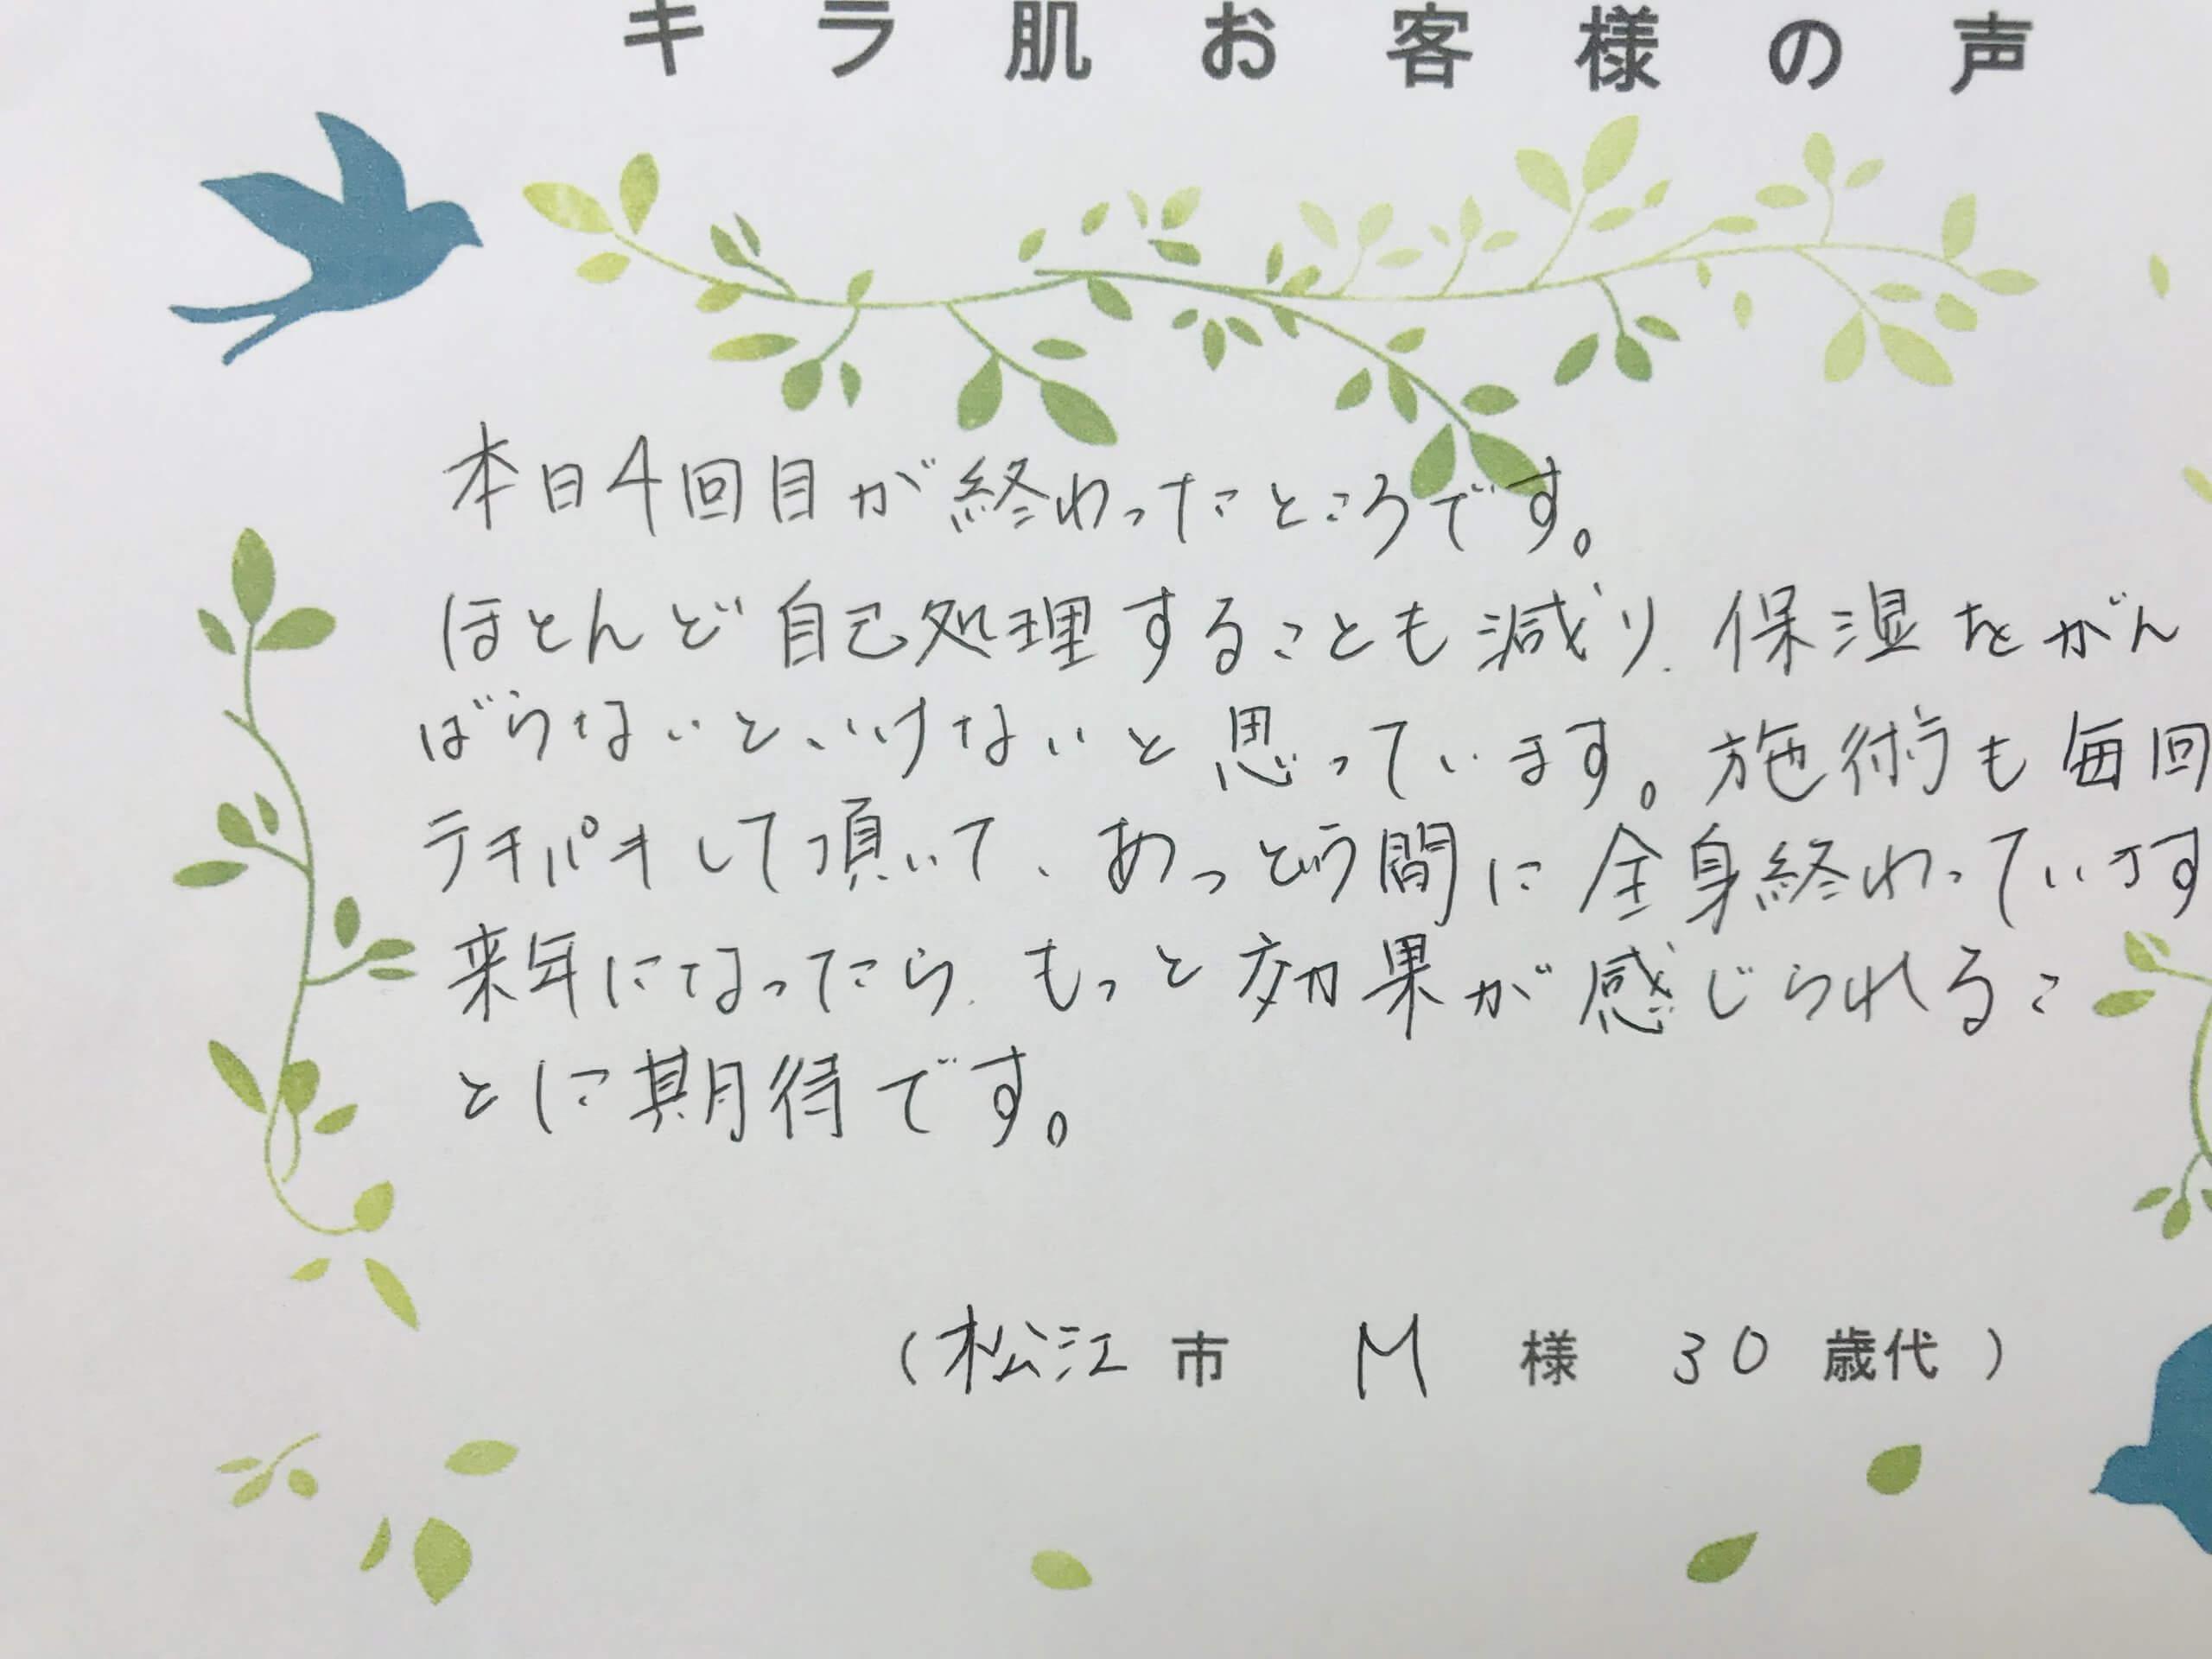 脱毛4回目:松江市在住30代M様のお声。